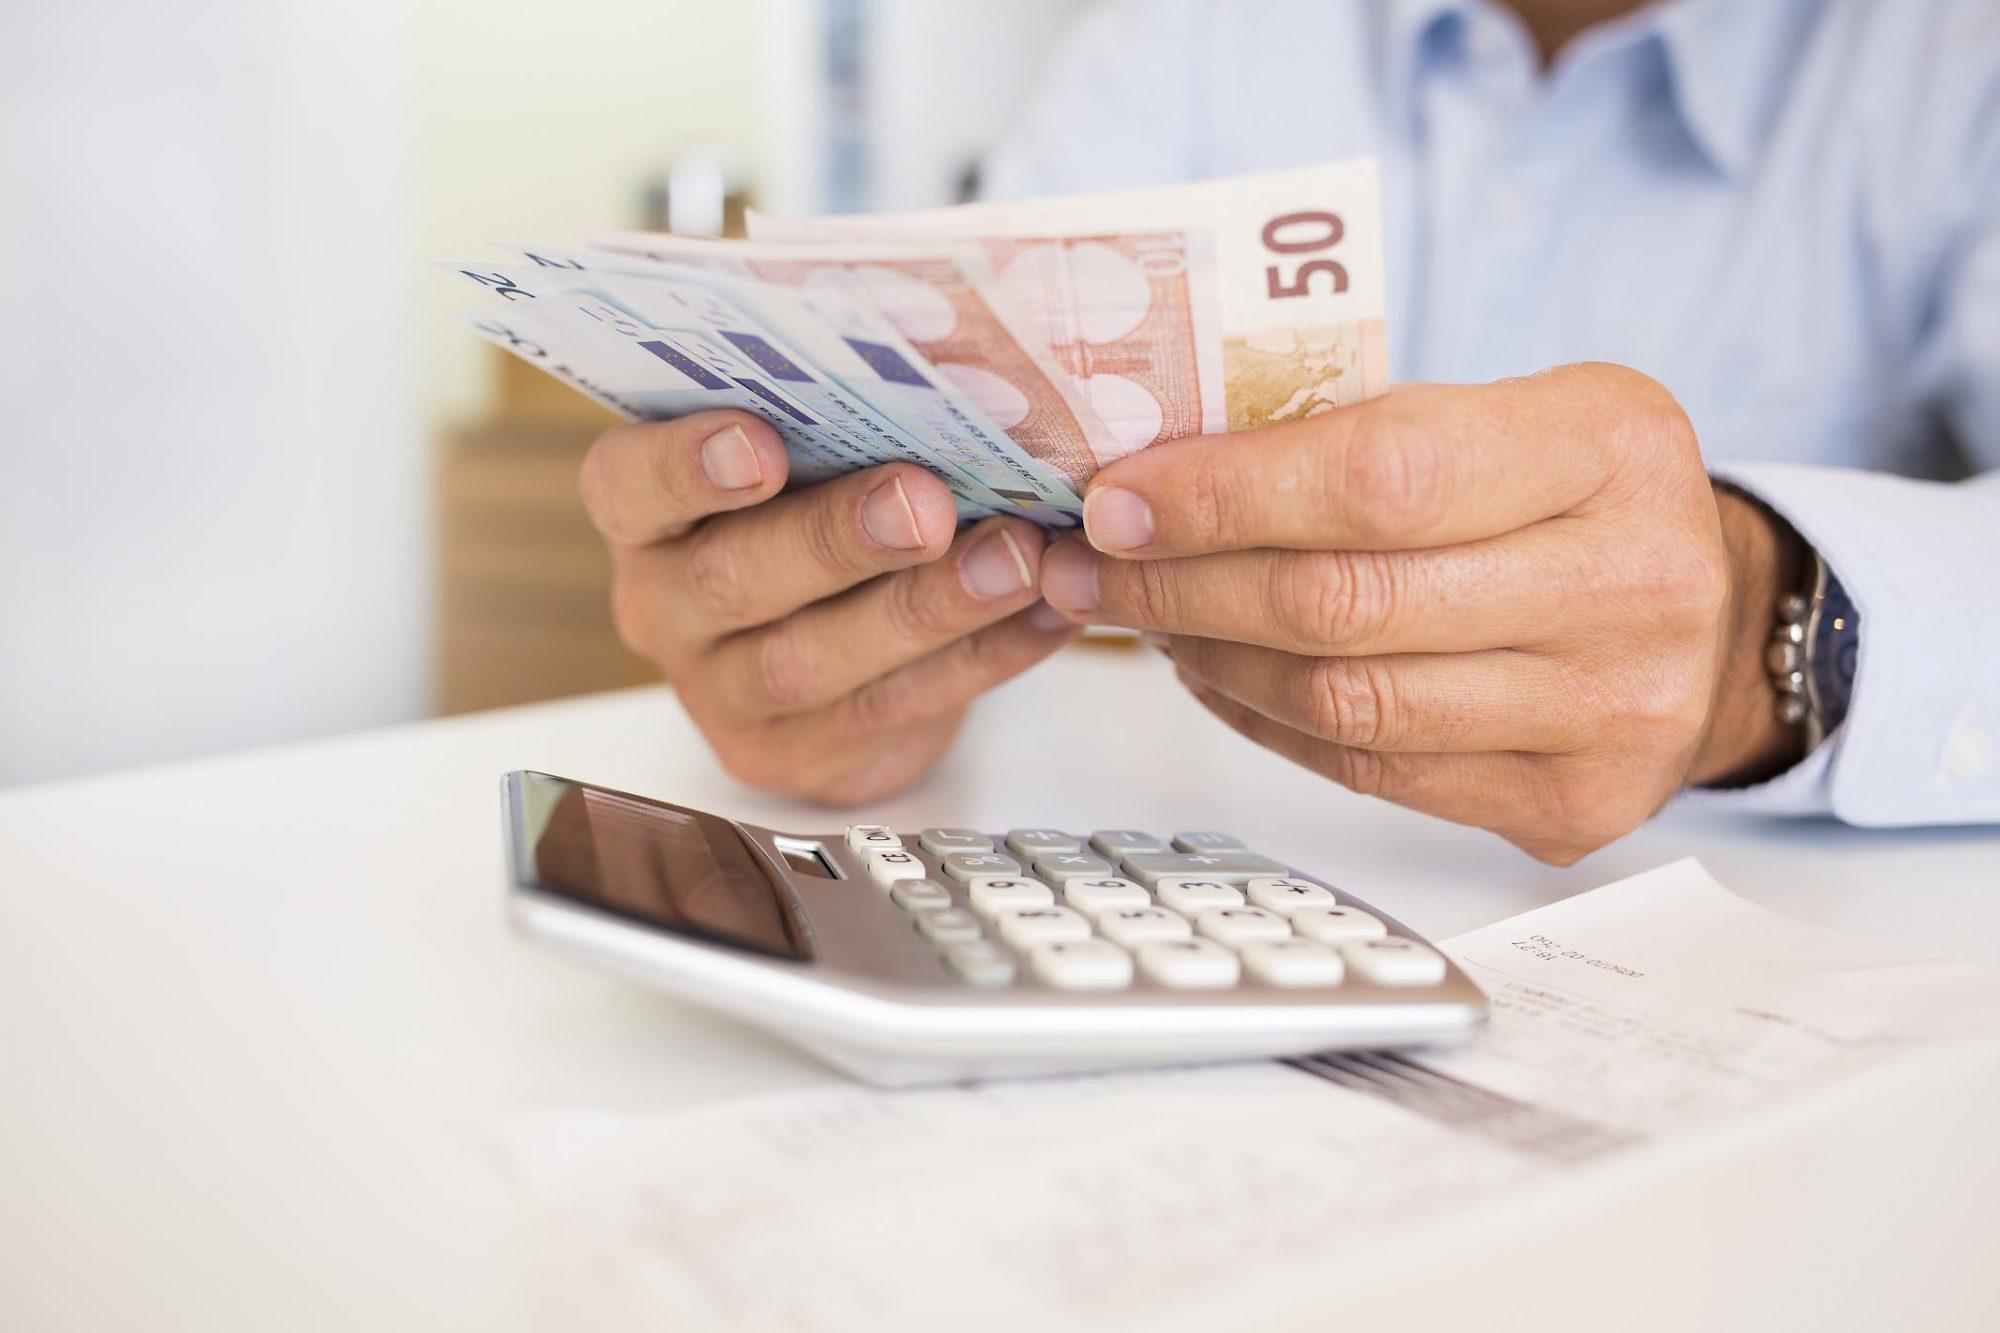 ΕΛΣΤΑΤ: Αυξήθηκε κατά 1 δισ. το εισόδημα των νοικοκυριών